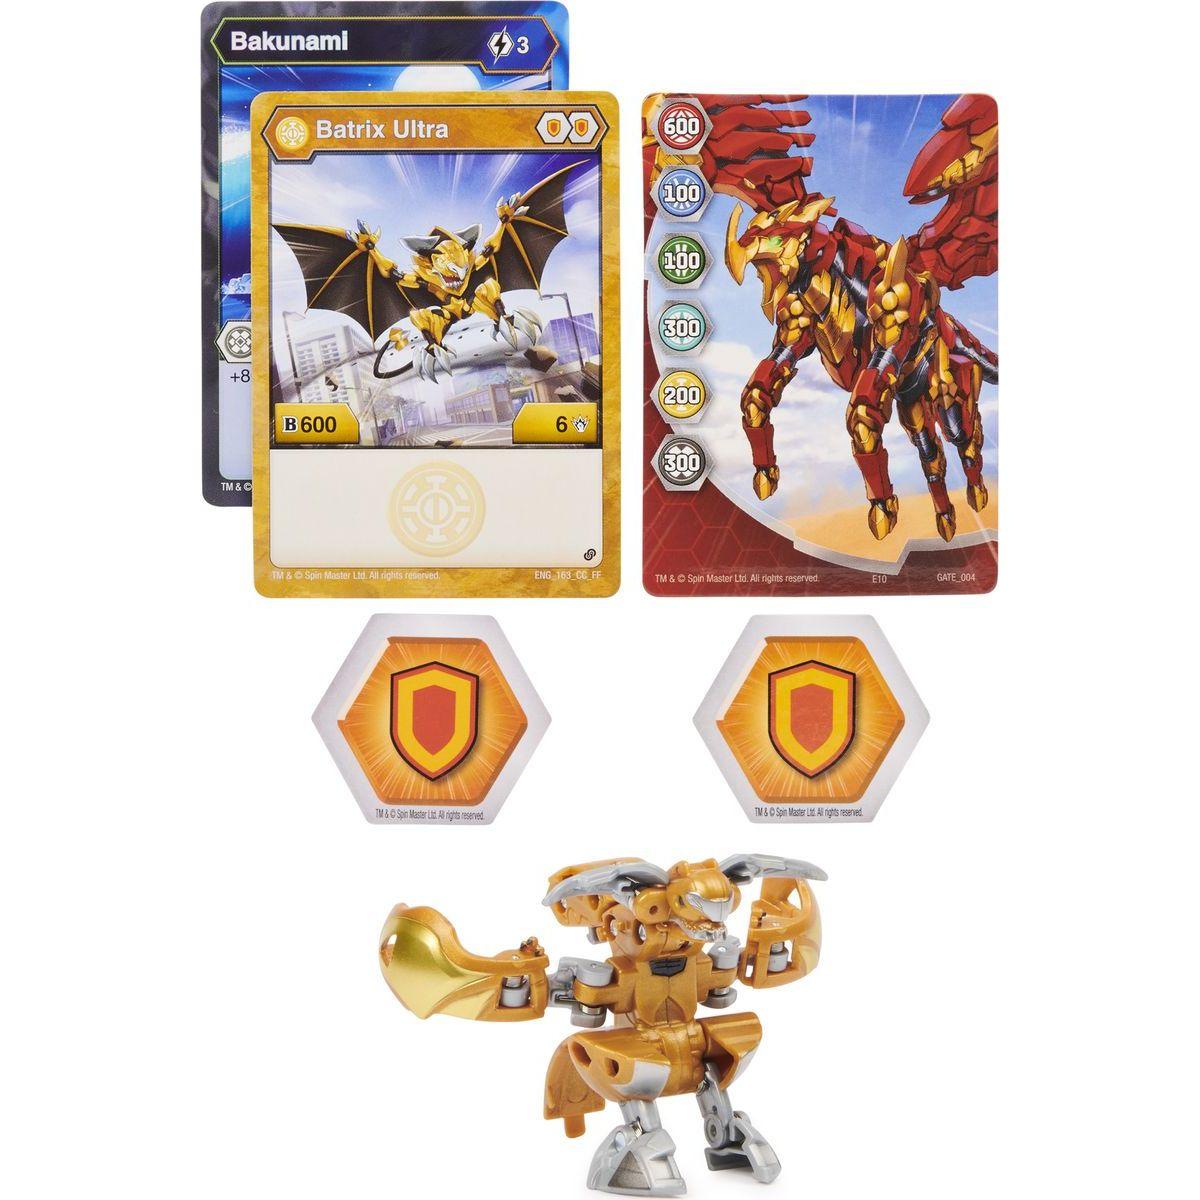 Bakugan ultra balení s2 Batrix zlatý